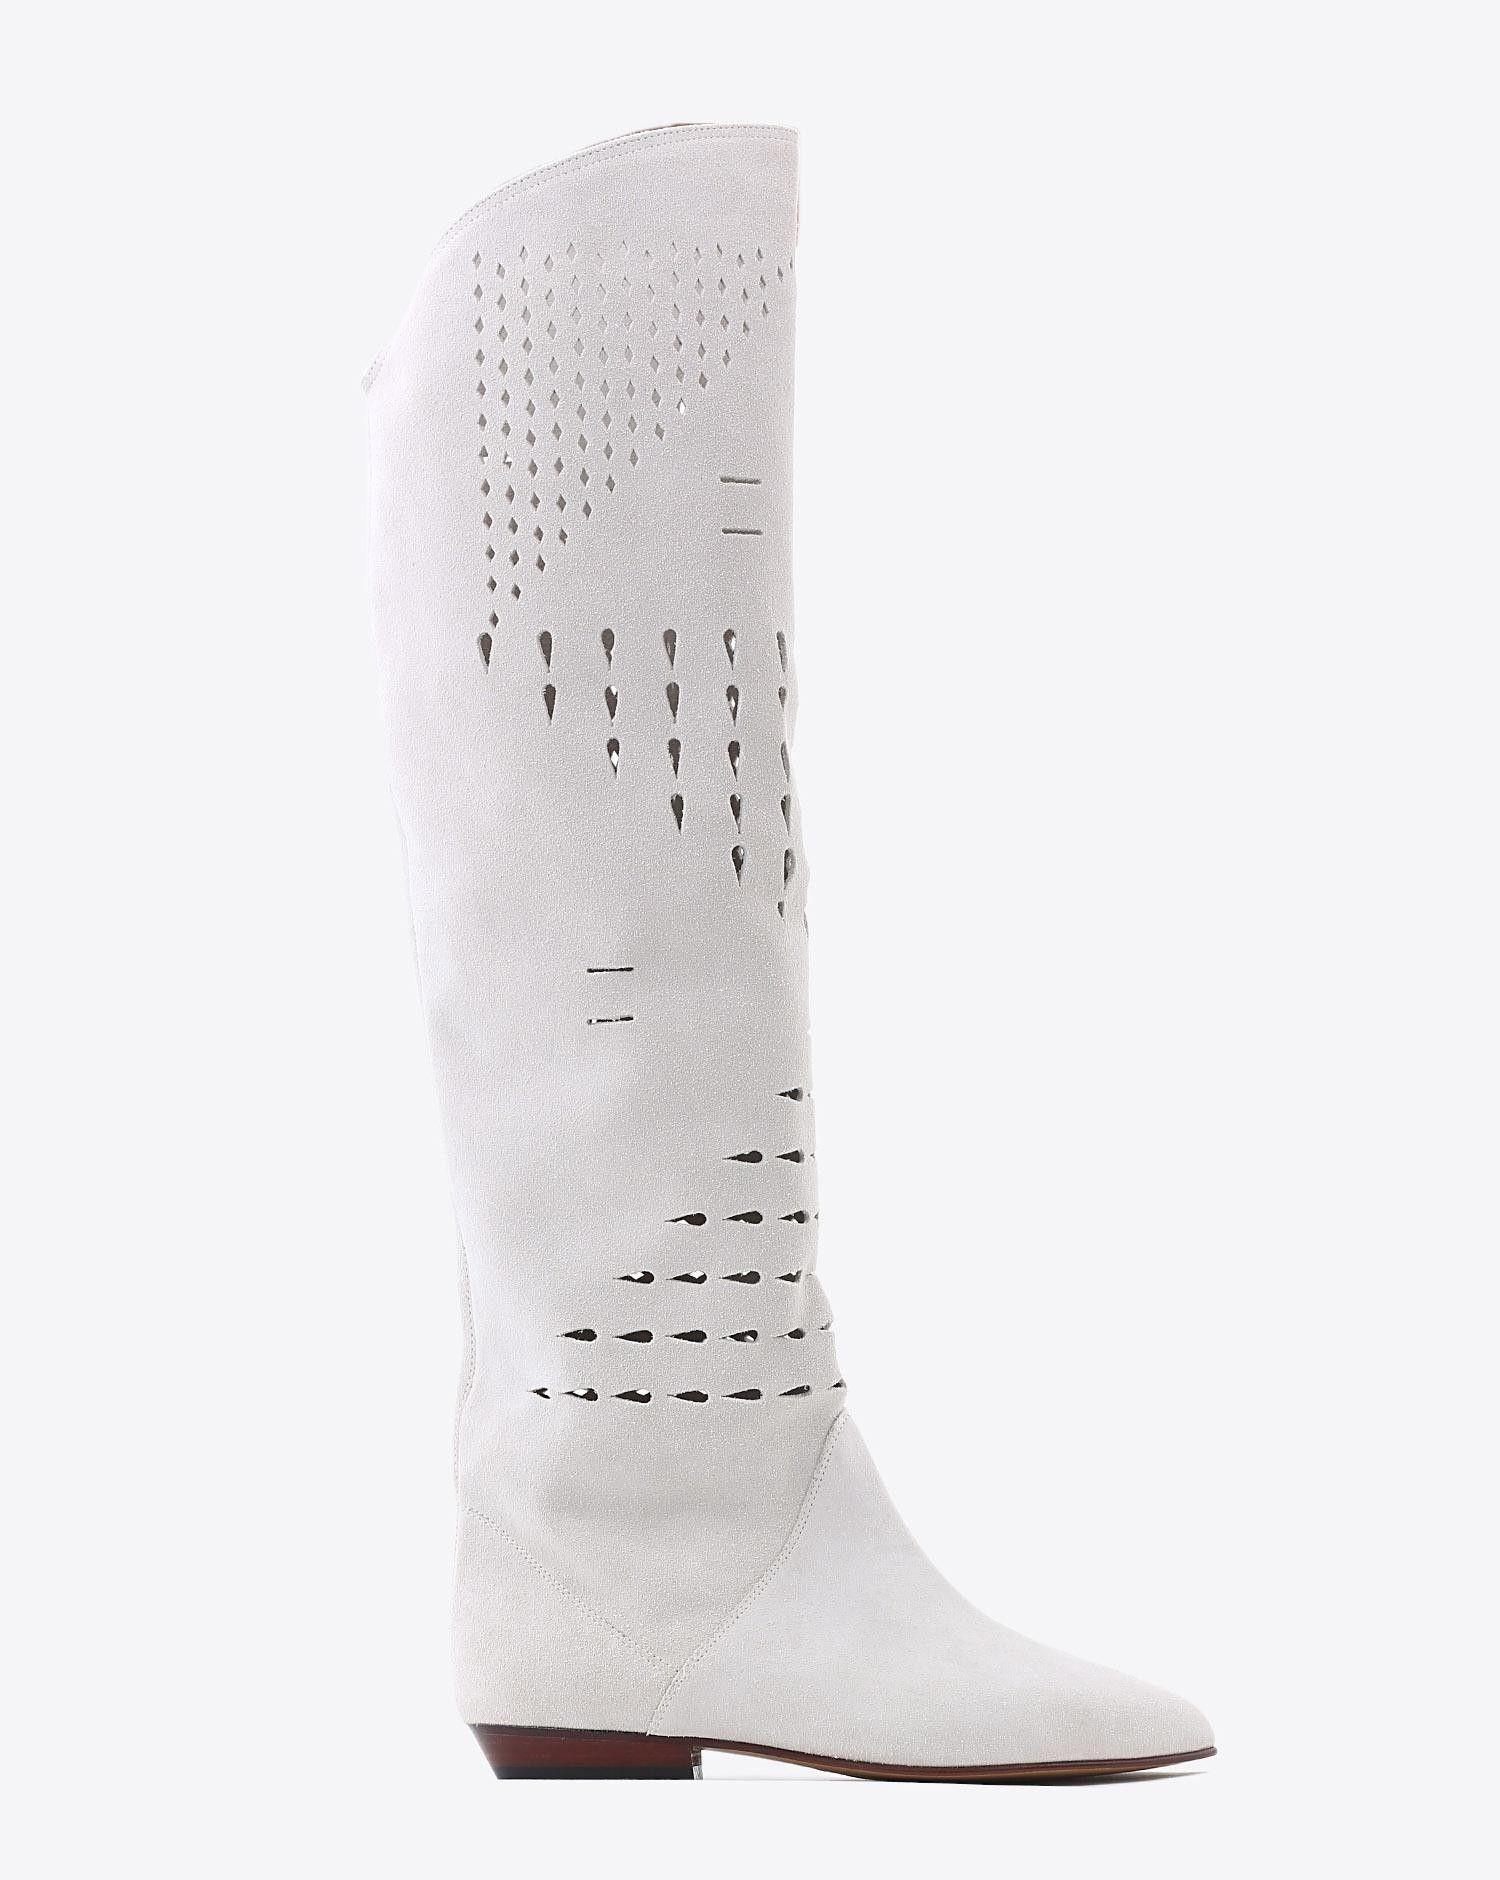 Marant Isabel Bottes Chaussures Défilé SOREN WhiteShop QrdCtsh